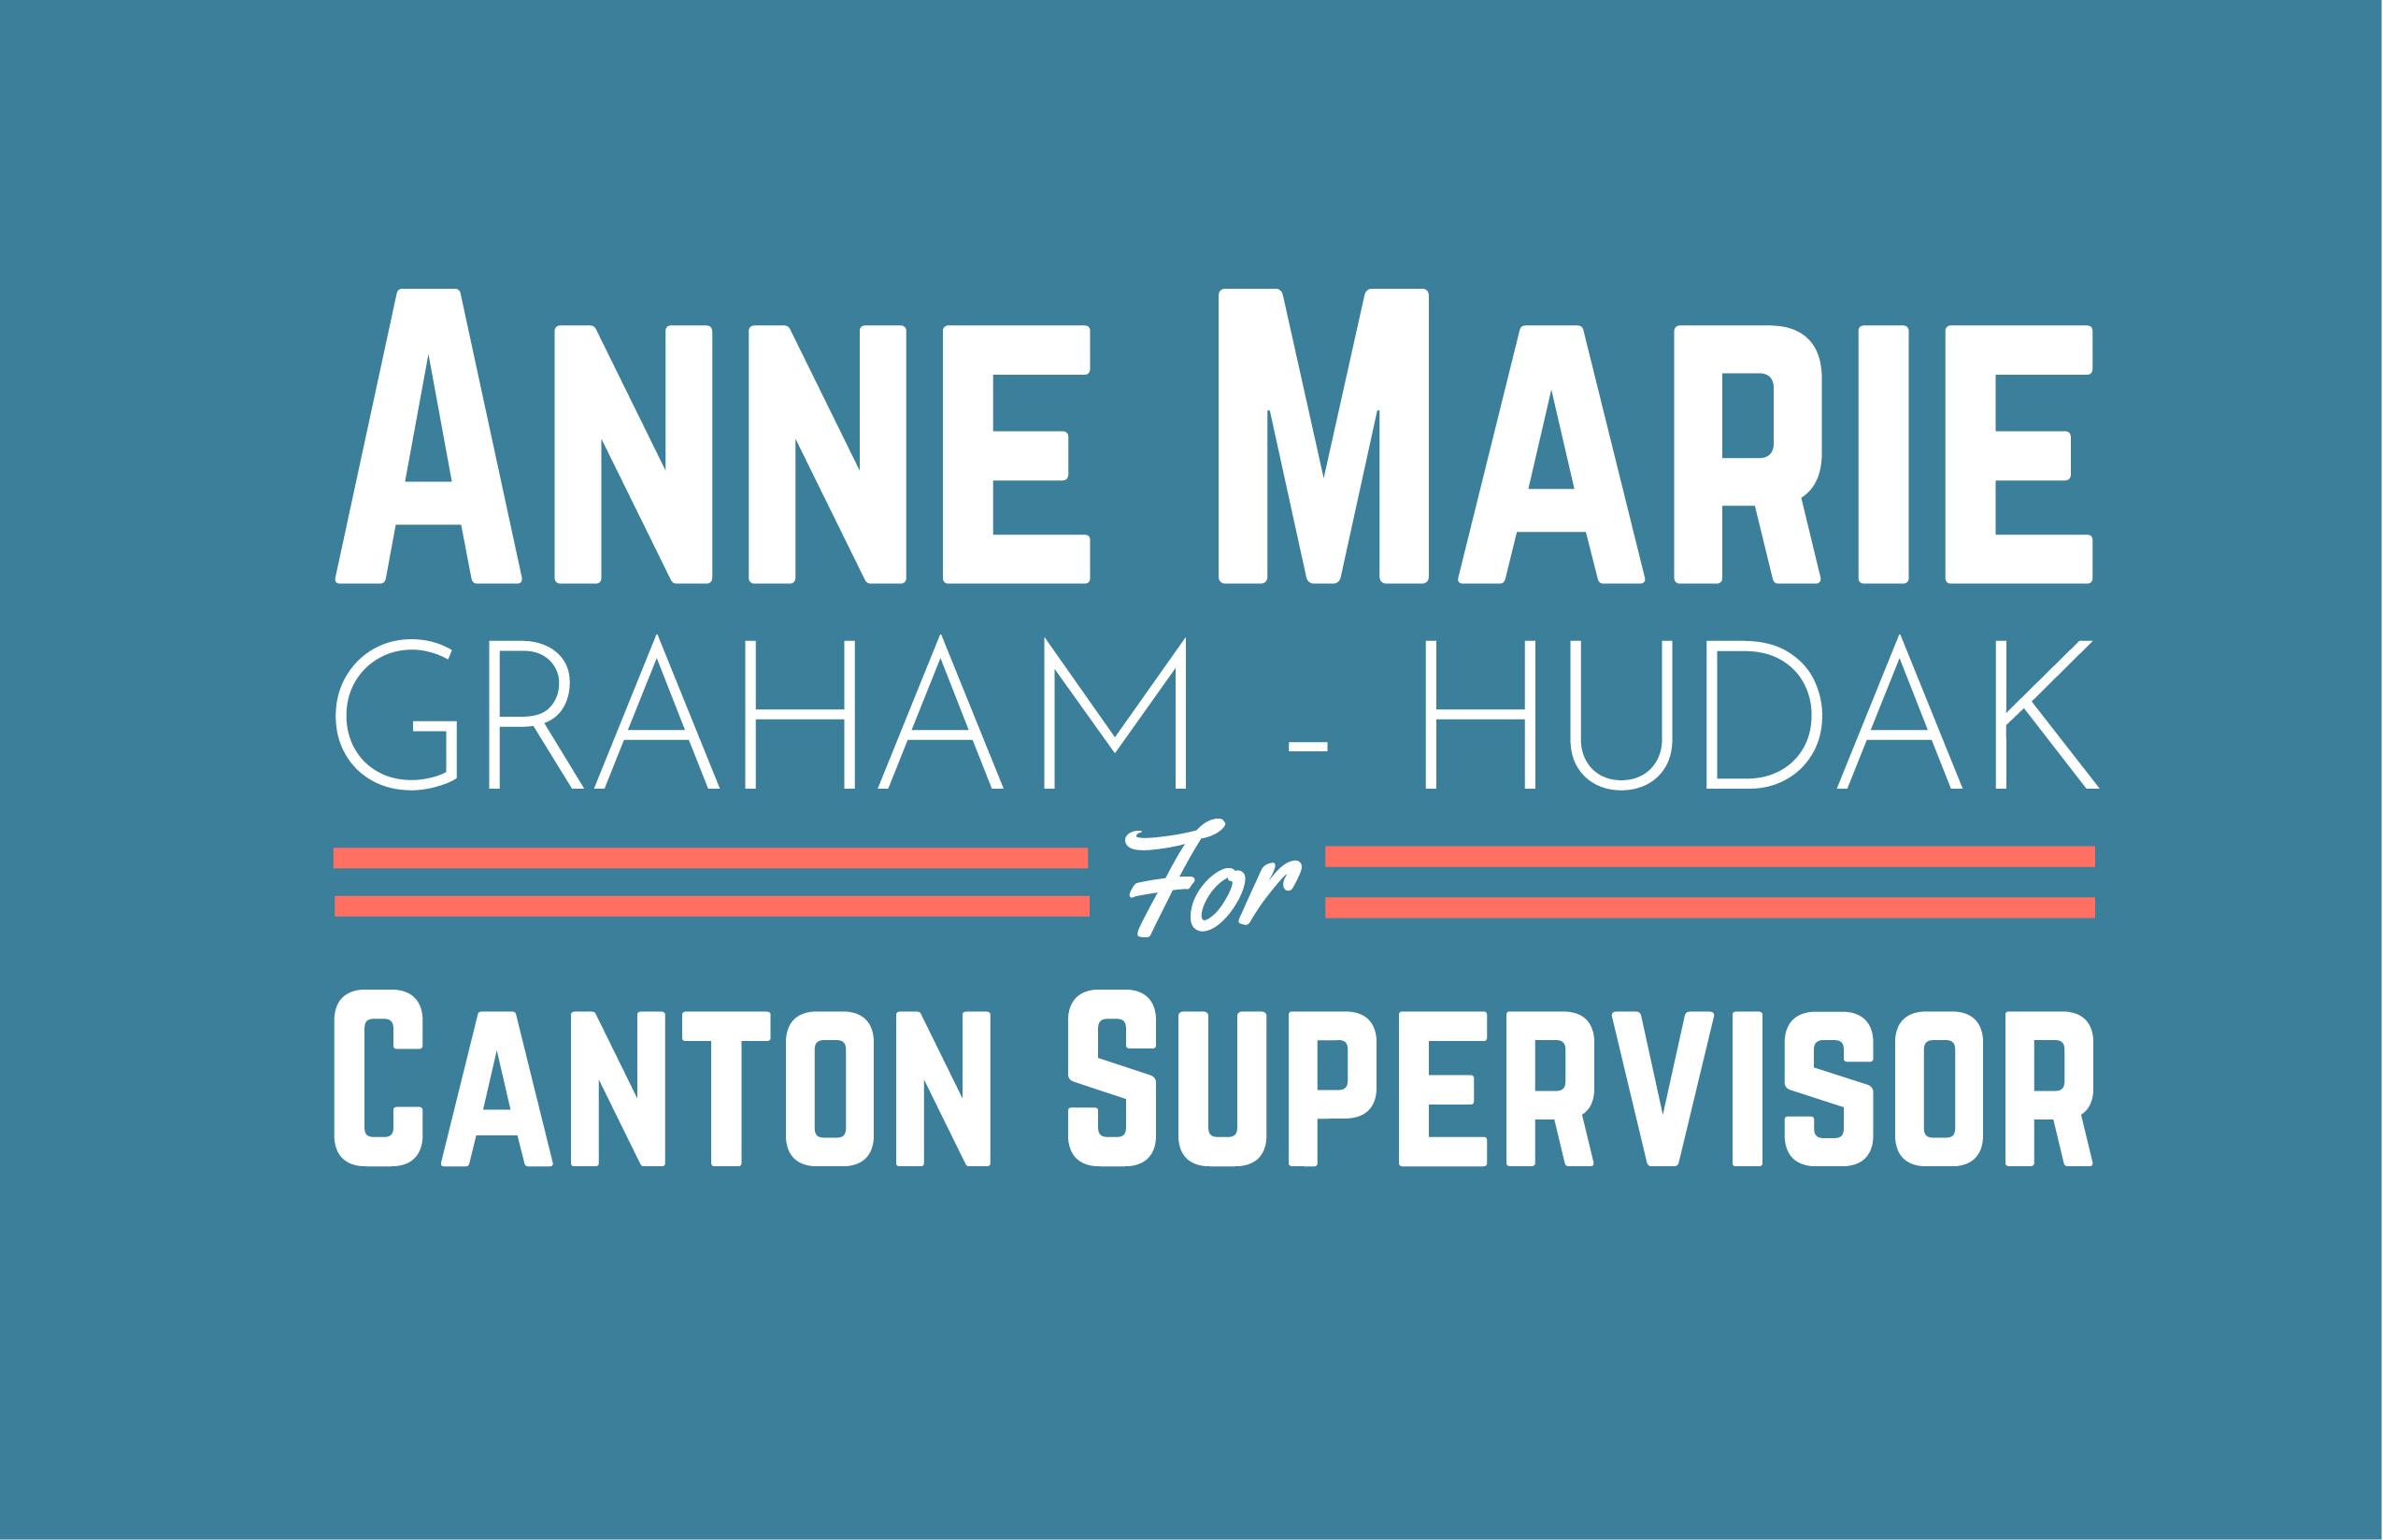 Anne Marie Graham-Hudak